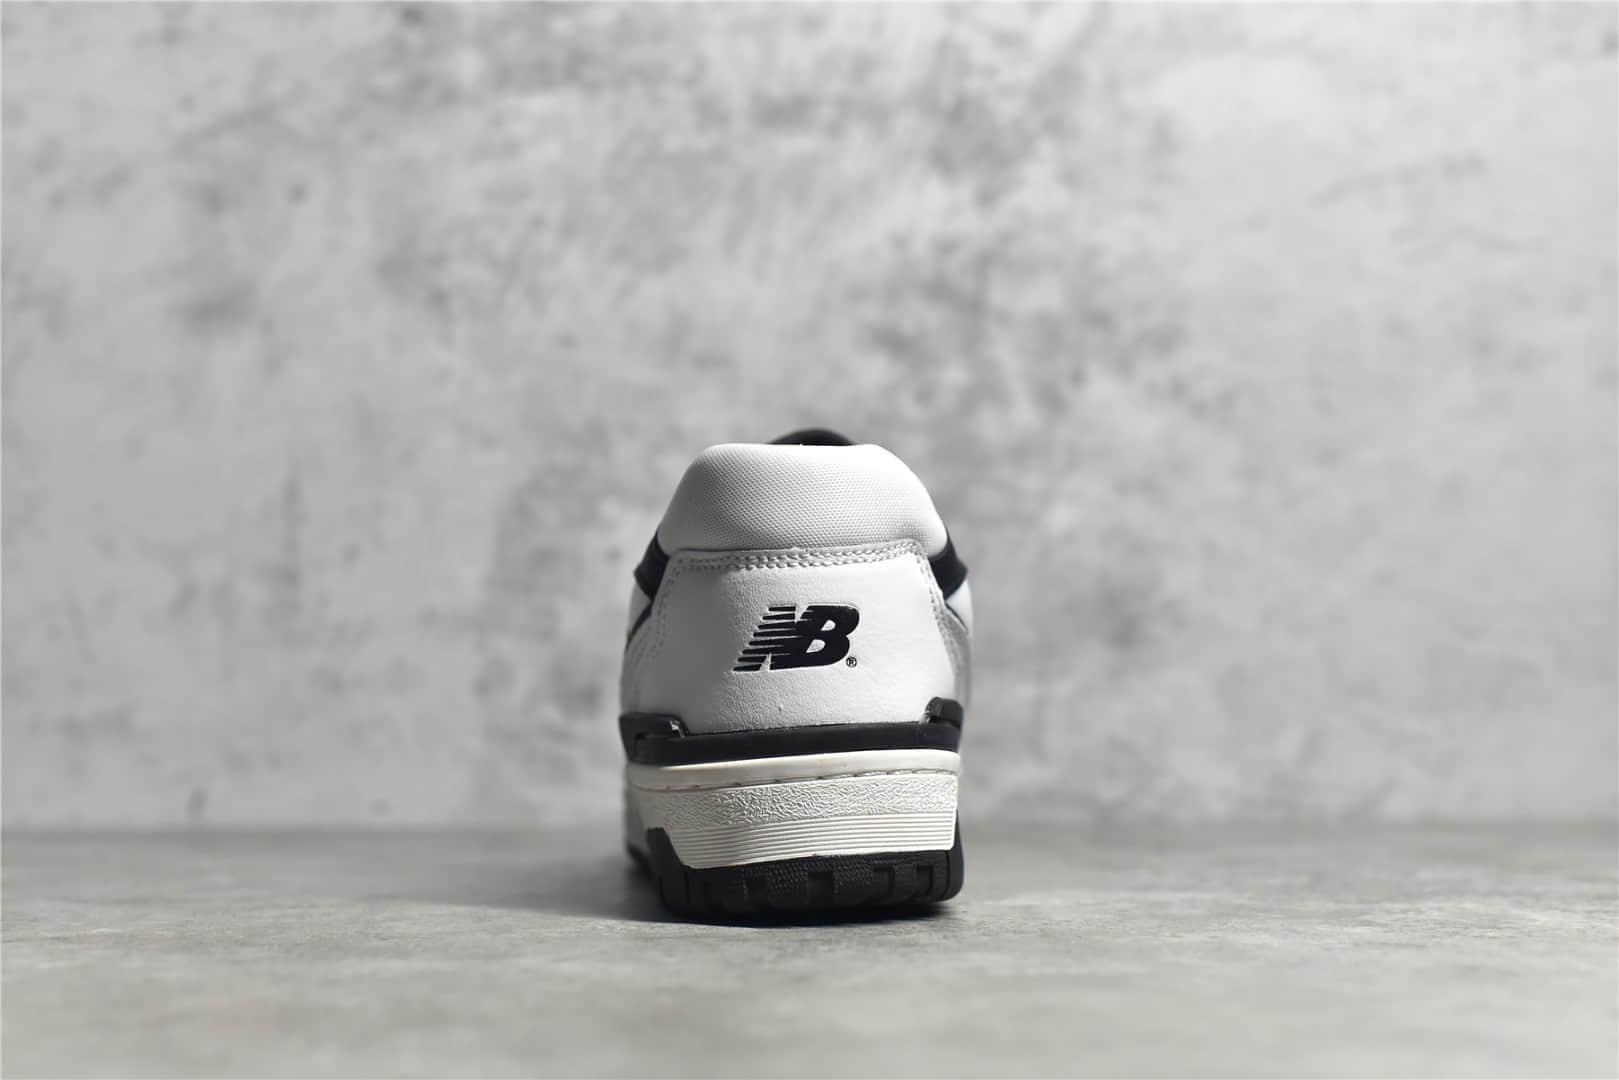 新百伦BB550复古跑鞋 New Balance BB550 新百伦复古低帮休闲运动篮球板鞋 货号:BB550LM1-潮流者之家